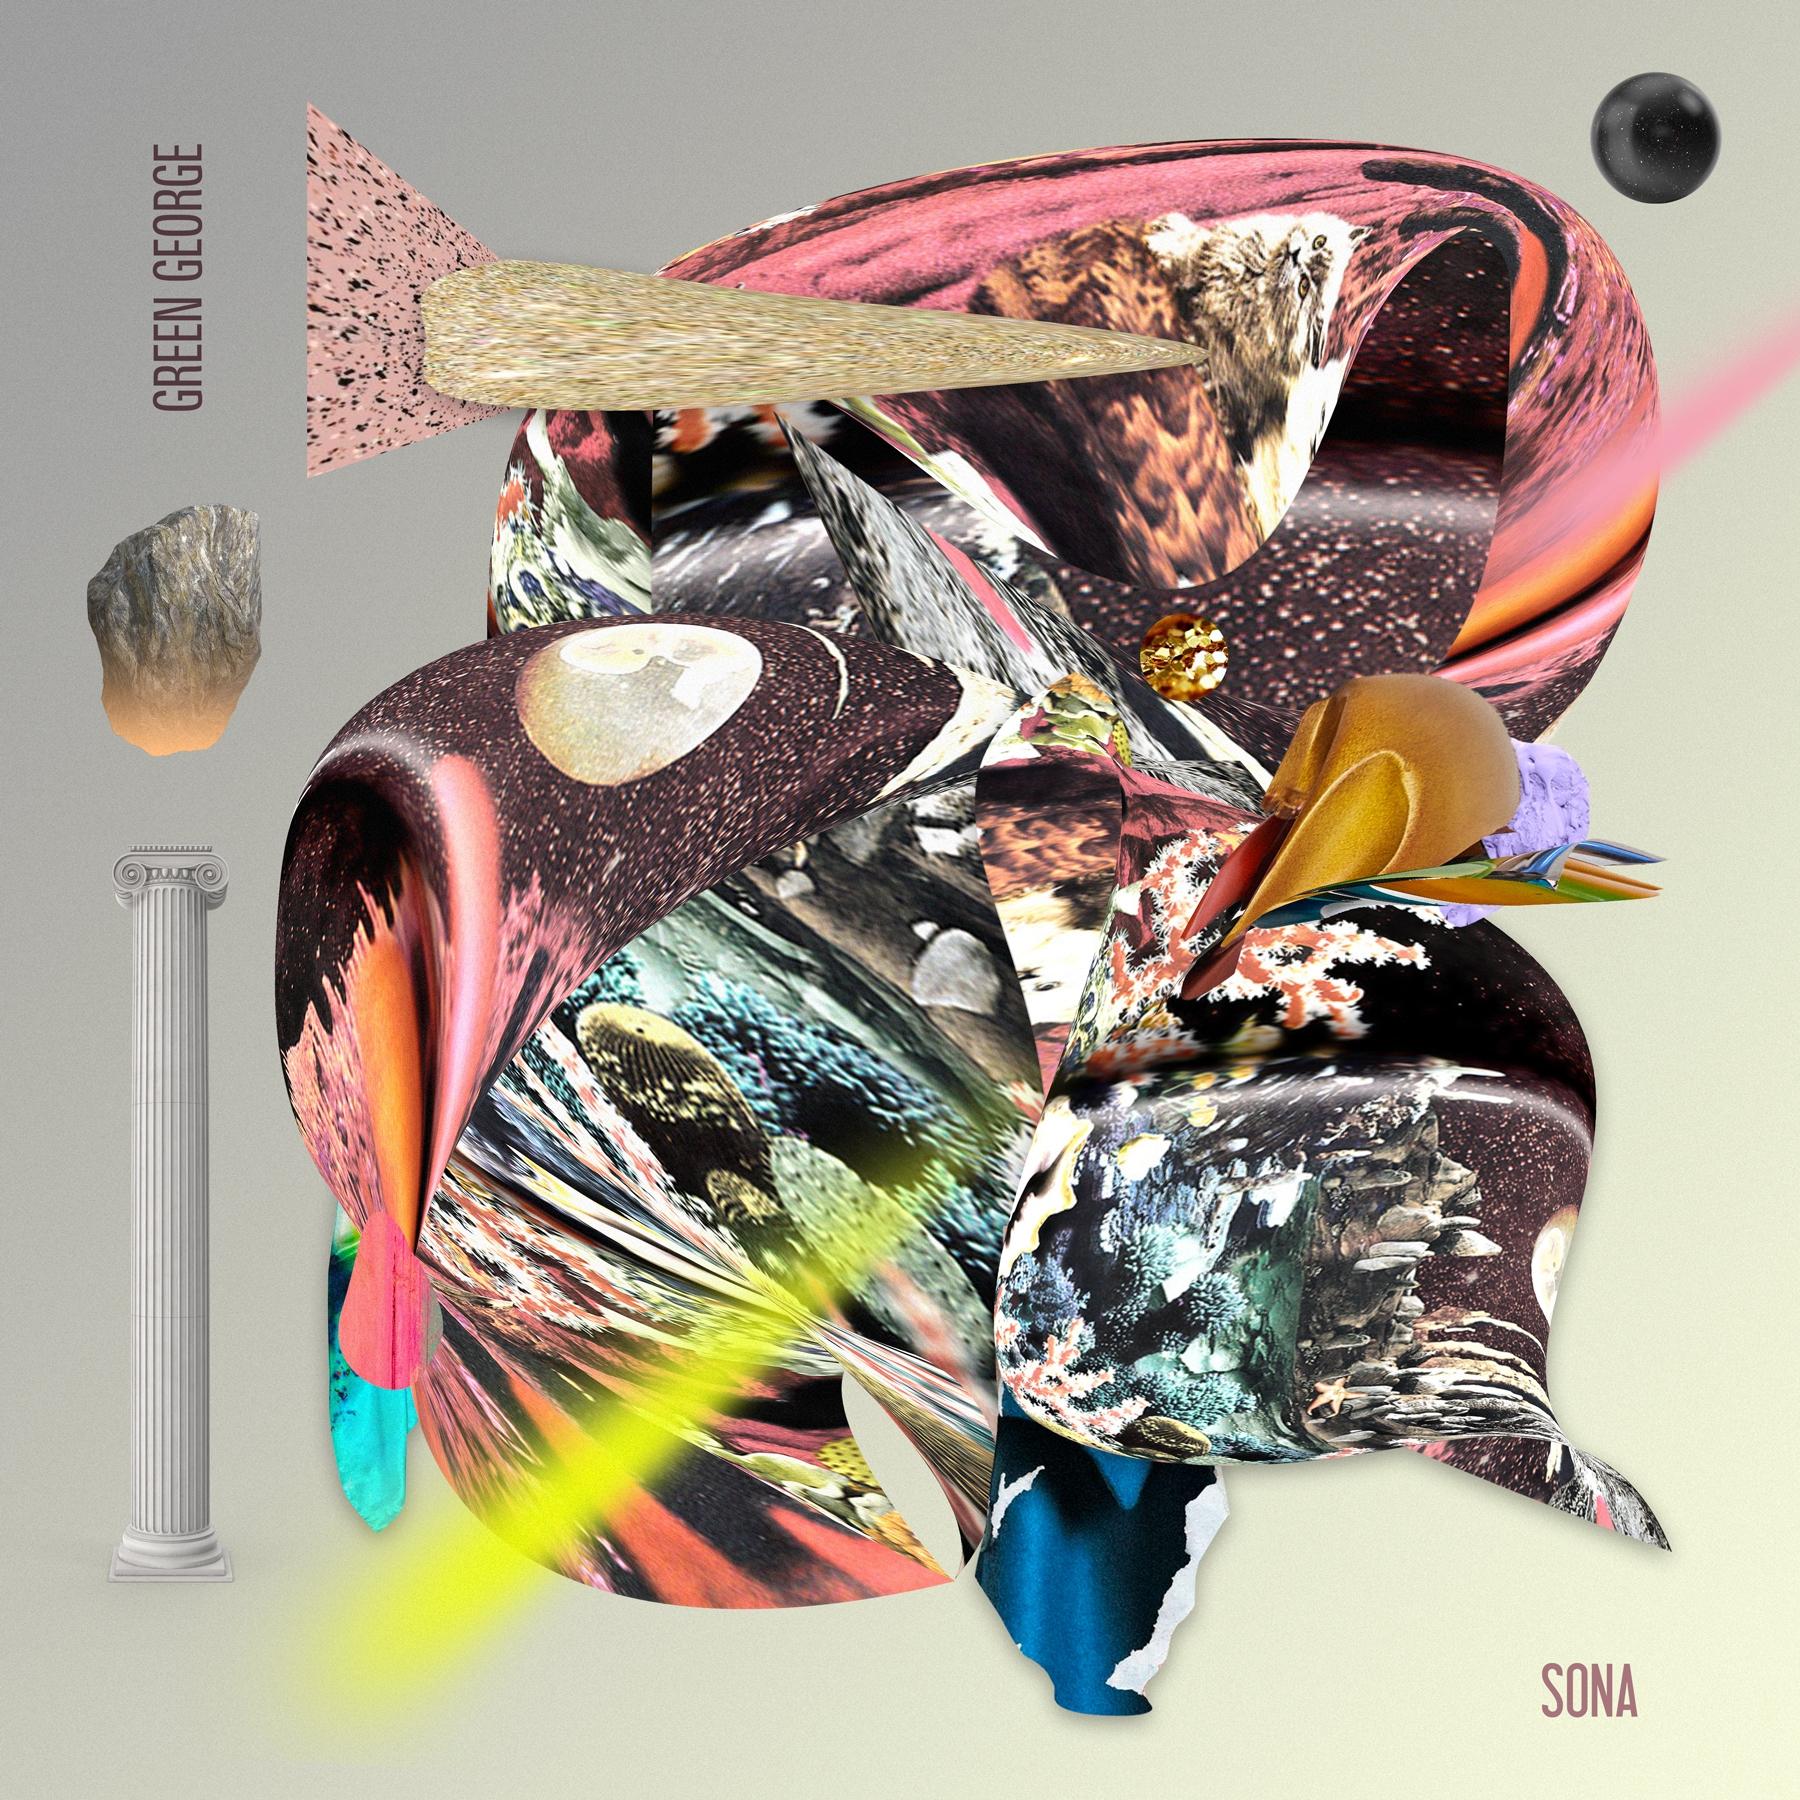 EP cover Green George/Sona Luci - carolinanino | ello